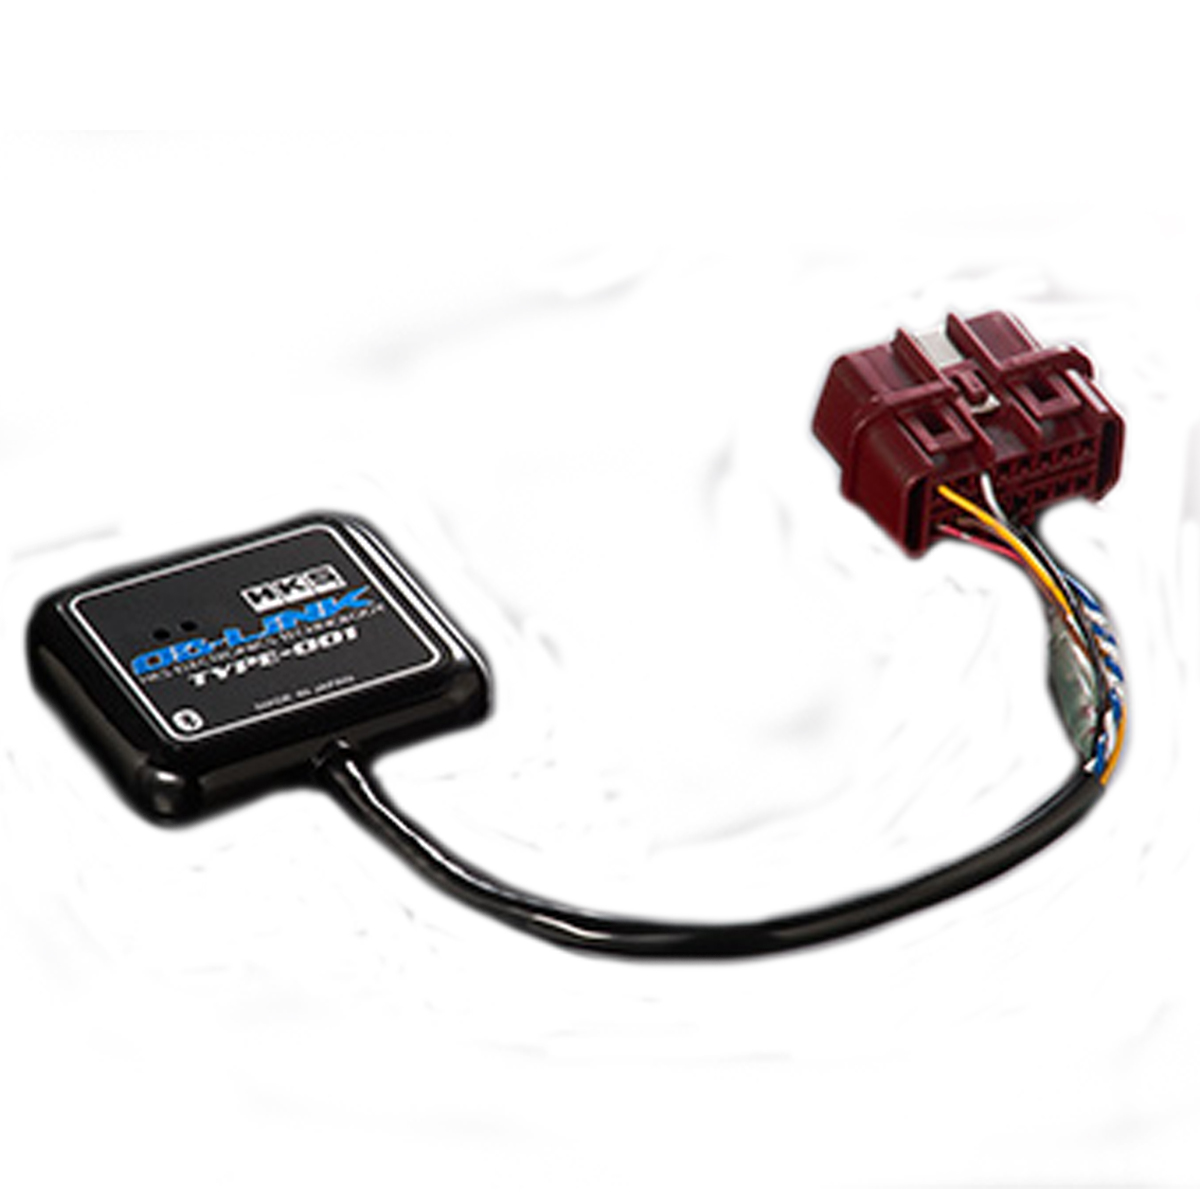 アウディ モニター OBリンク タイプ 001 8JBWA HKS 44009-AK002 エレクトリニクス 個人宅発送追金有